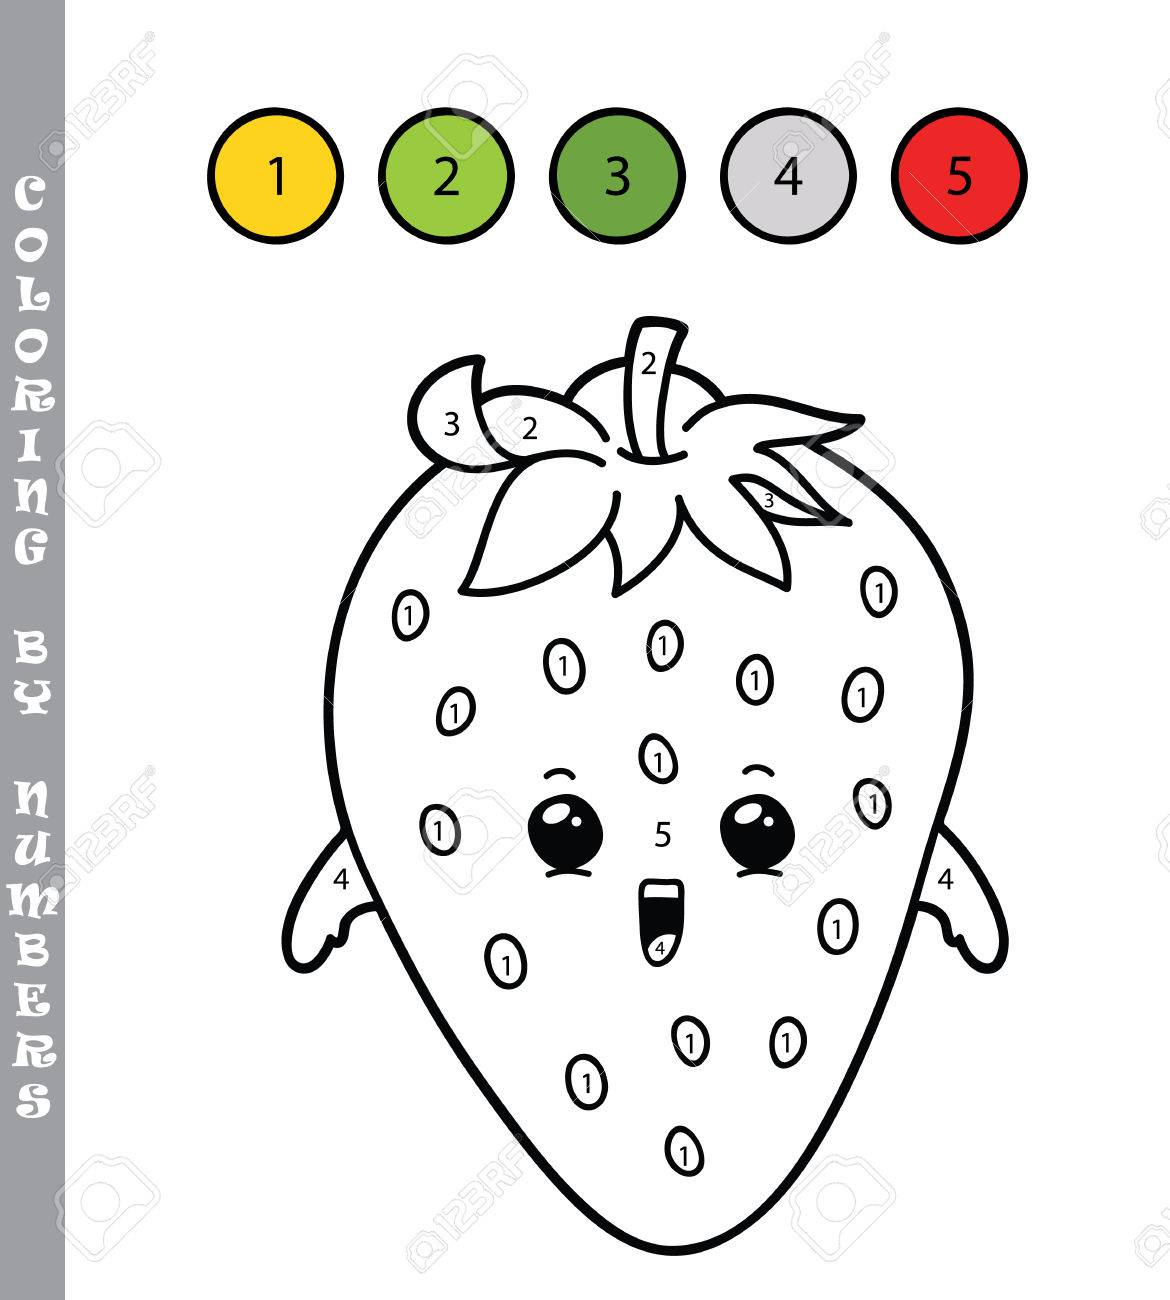 Ilustración Vectorial Para Colorear Por Números Juego Educativo Con Fresa De Dibujos Animados Para Niños